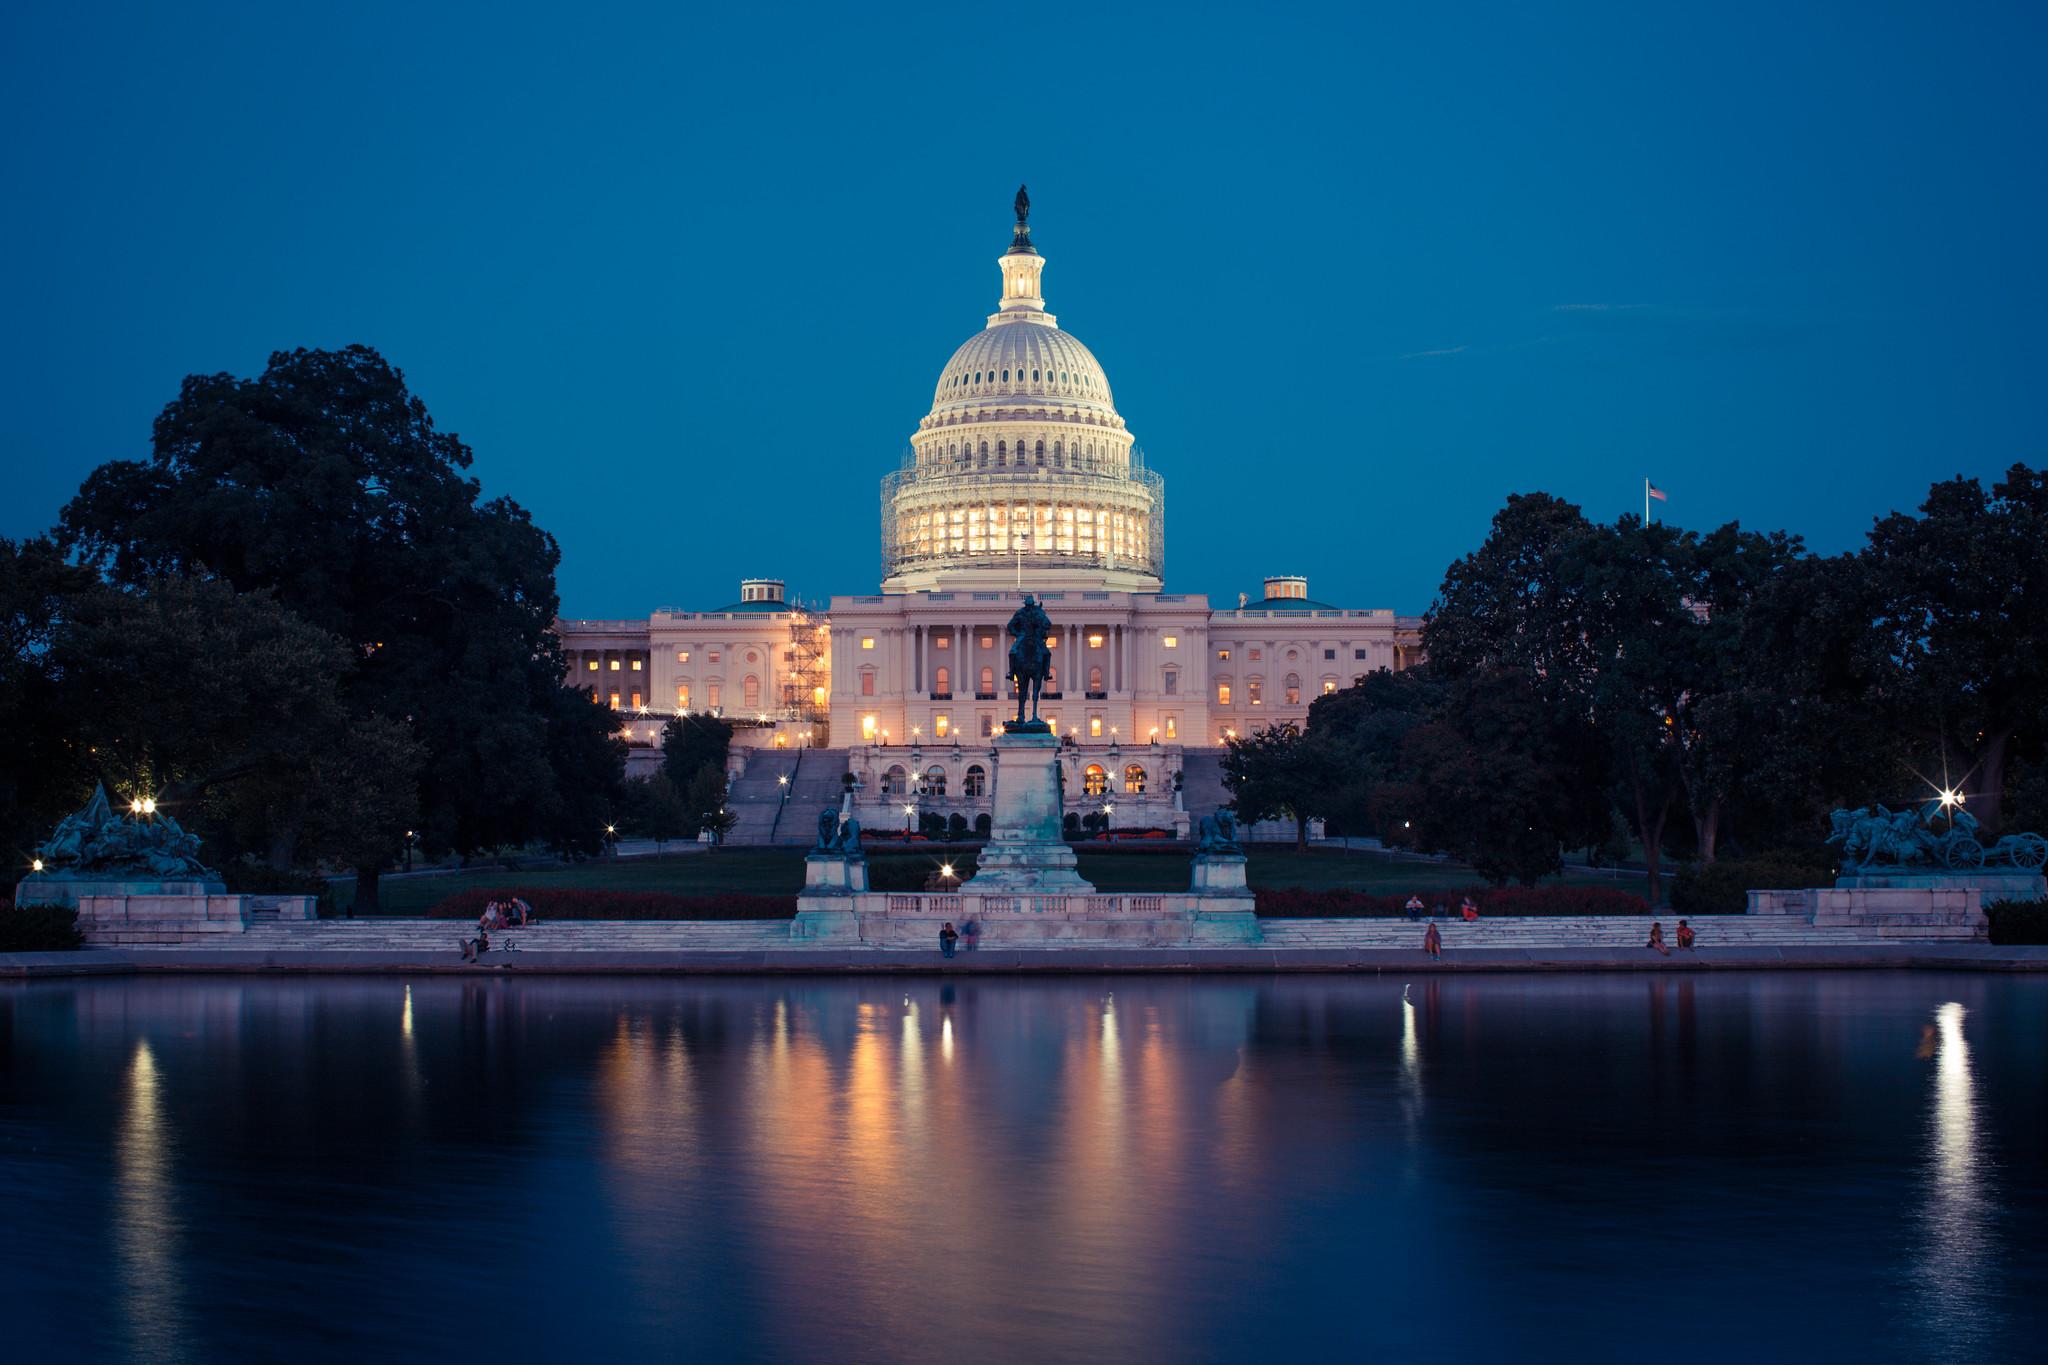 Washingtonin maamerkkeihin kuuluu kongressin päämaja Capitol-rakennus. Kuva: homas Hawk/Flickr